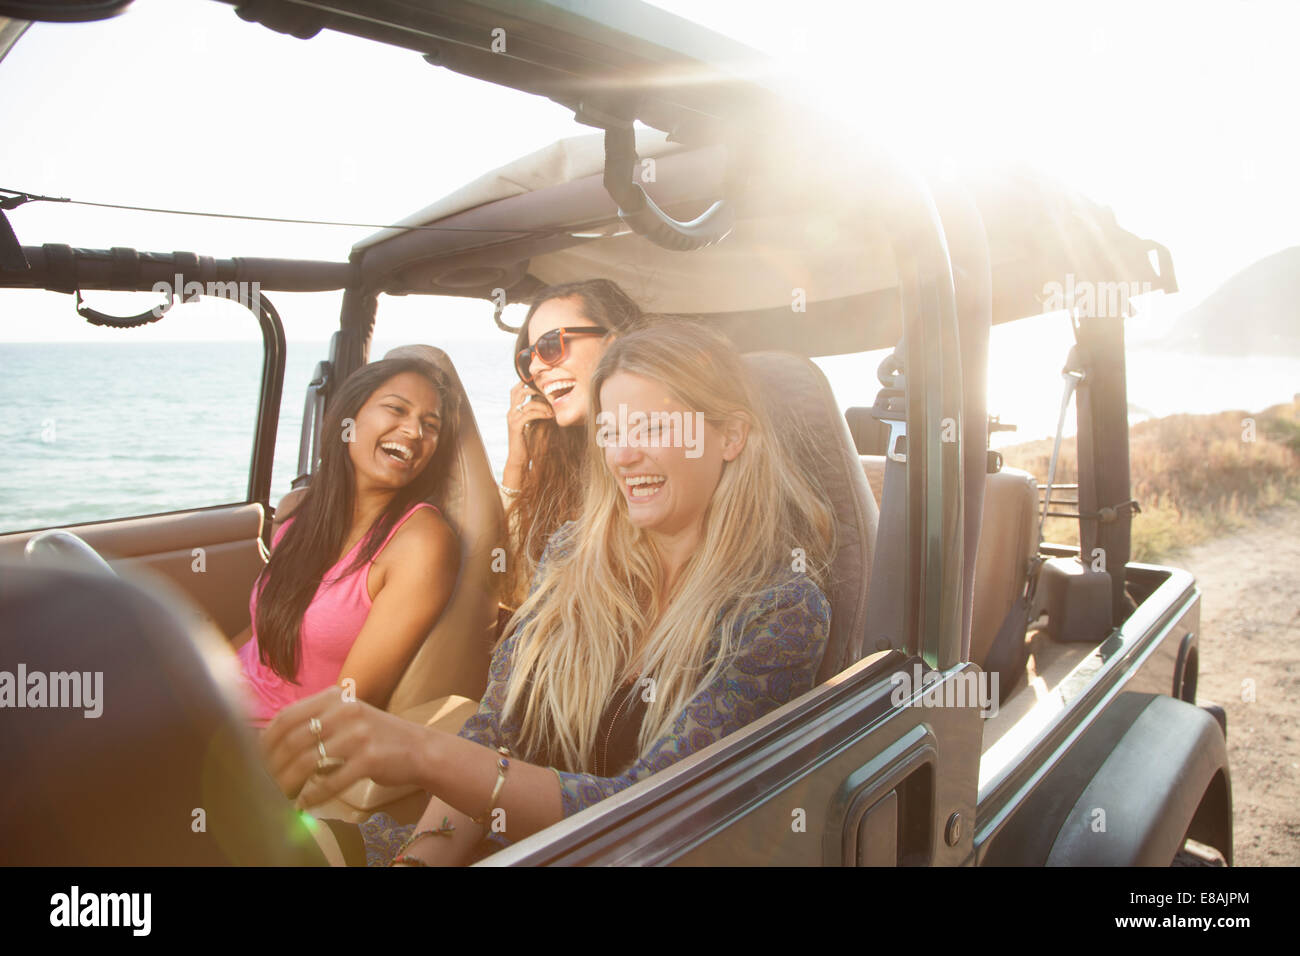 Tre giovani donne guida in jeep a costa, Malibu, California, Stati Uniti d'America Immagini Stock